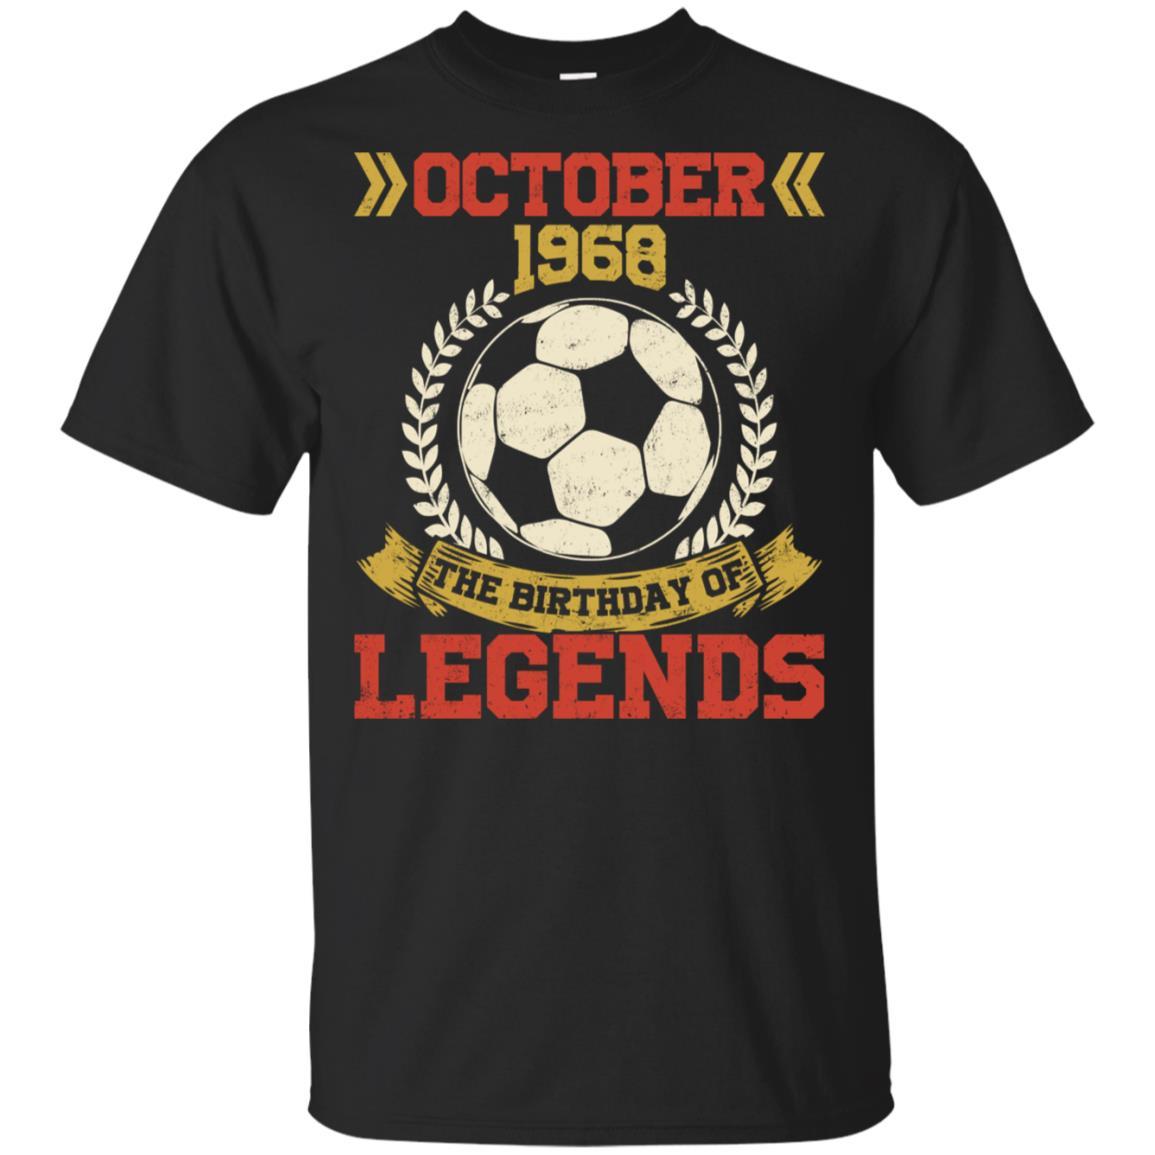 1968 October 50th Birthday Of Football Soccer Legend Unisex Short Sleeve